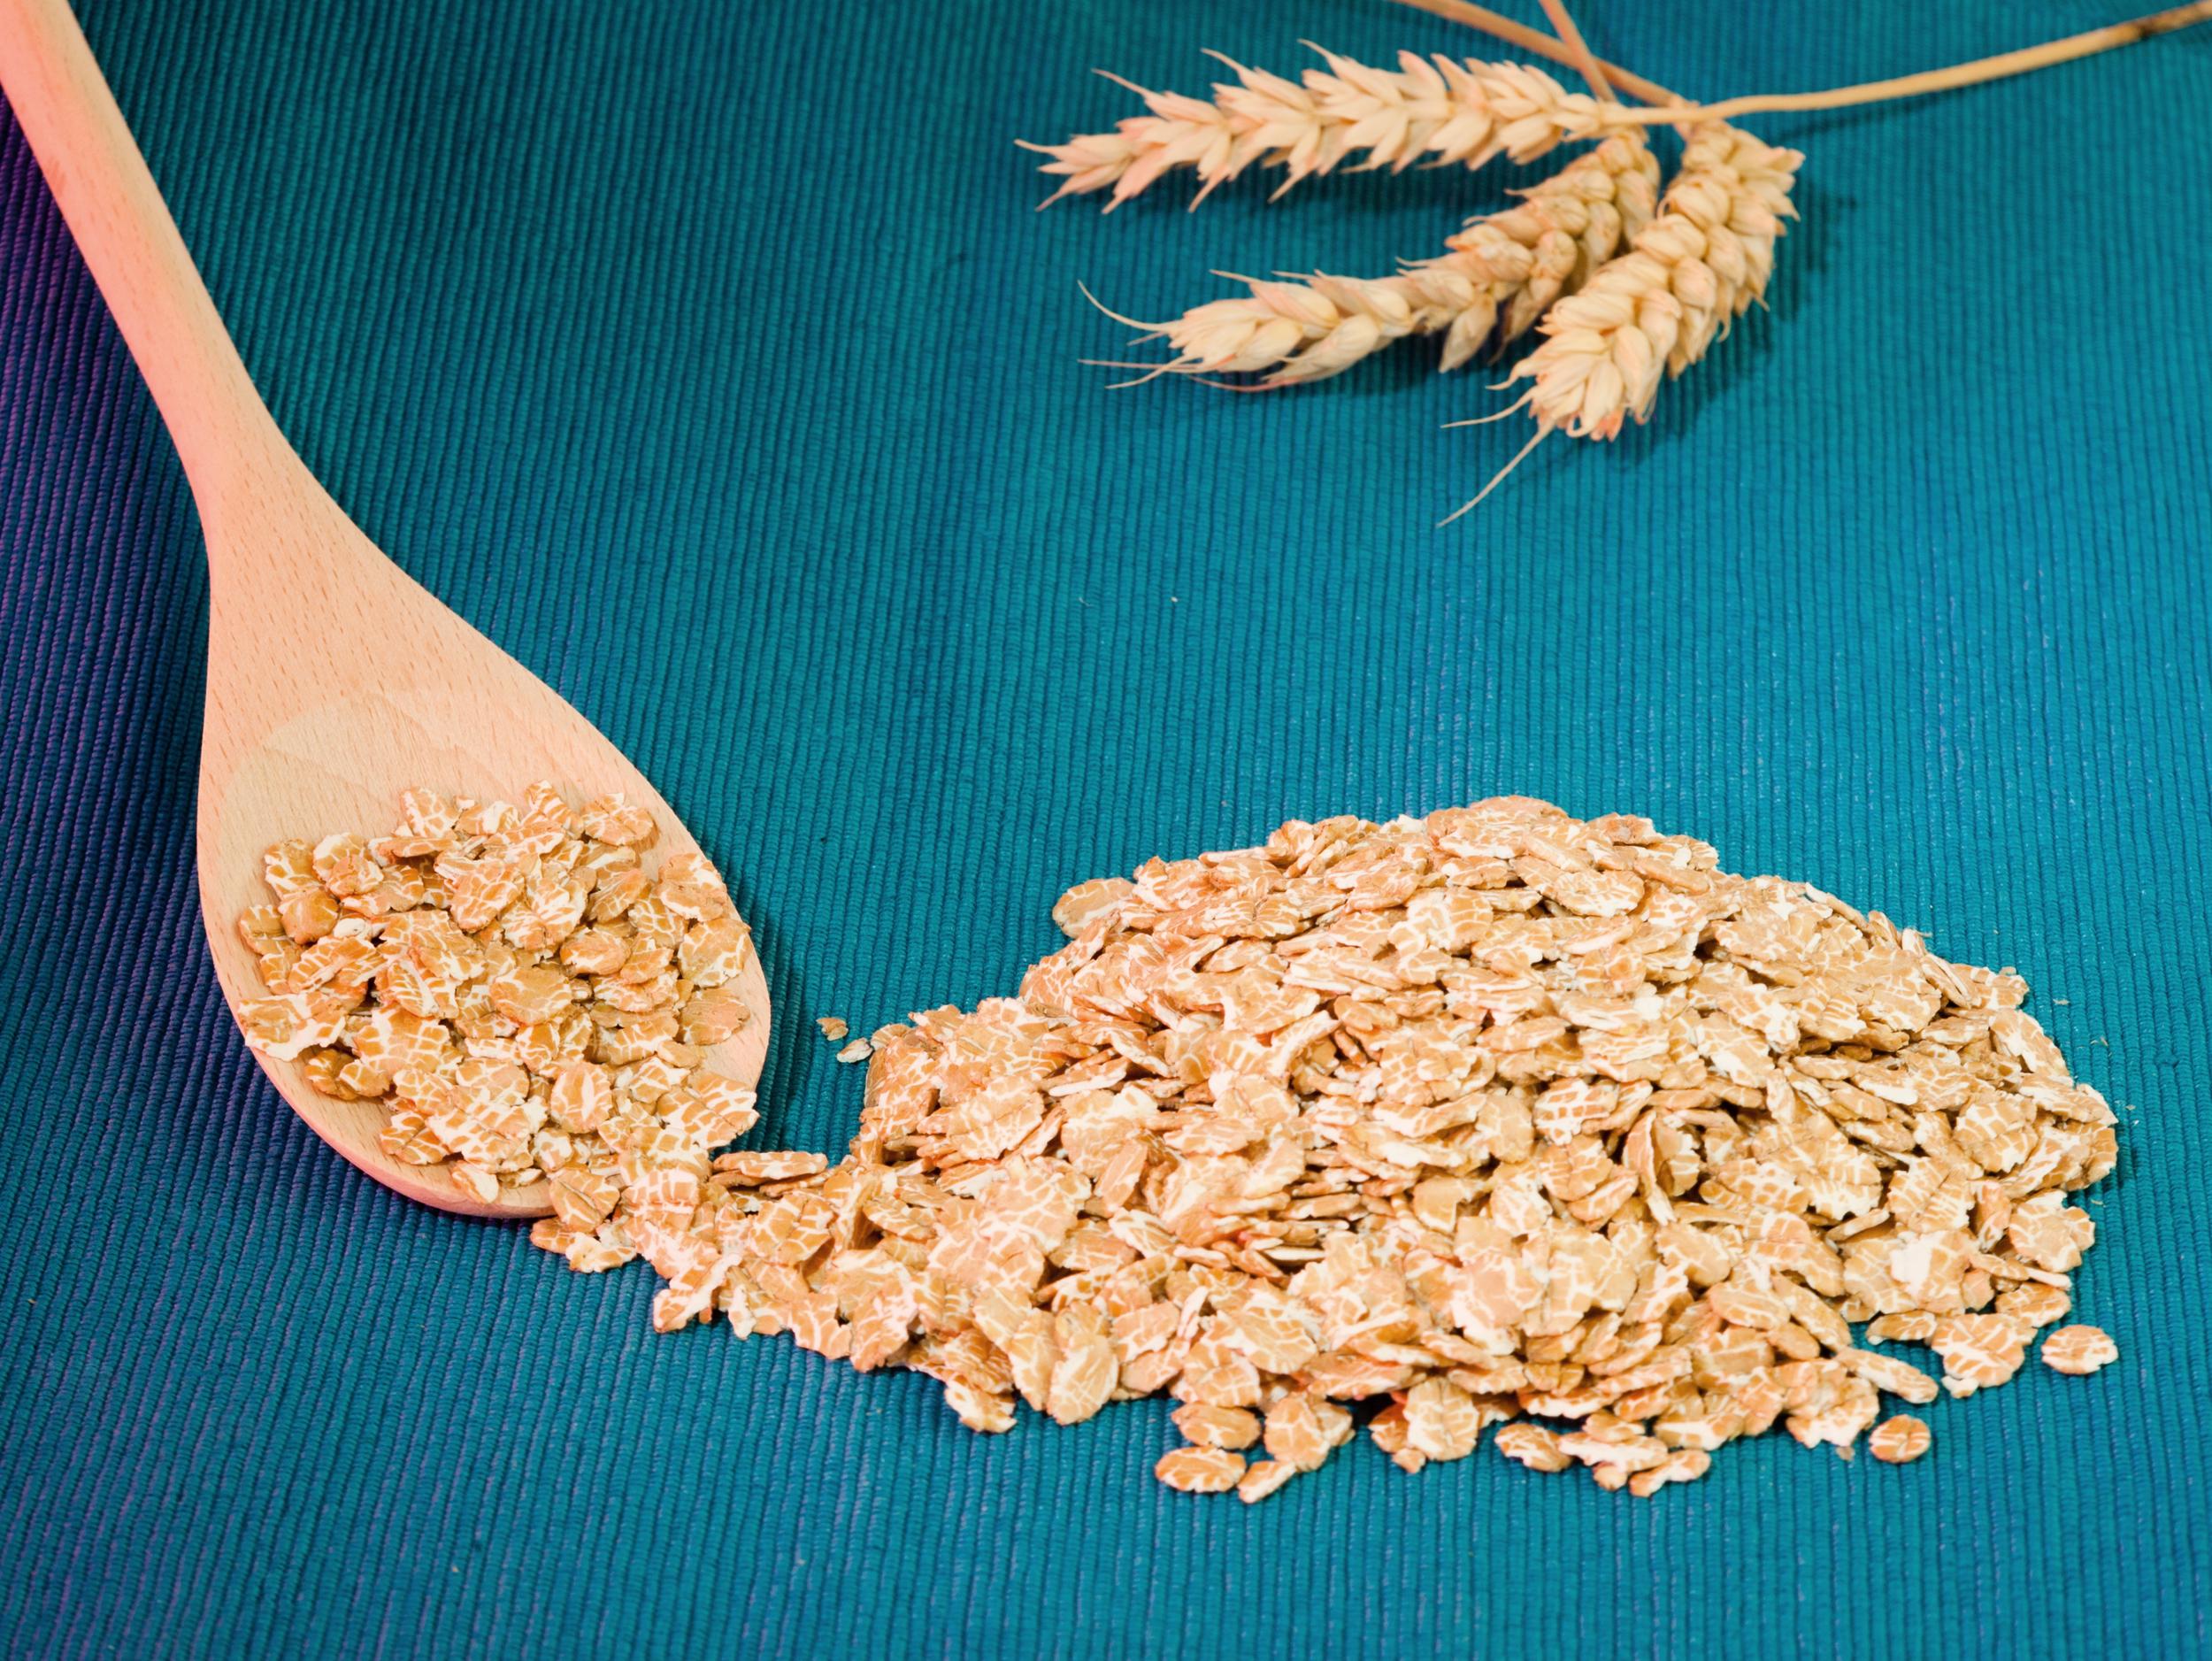 Copos de Trigo  Wheat Flakes